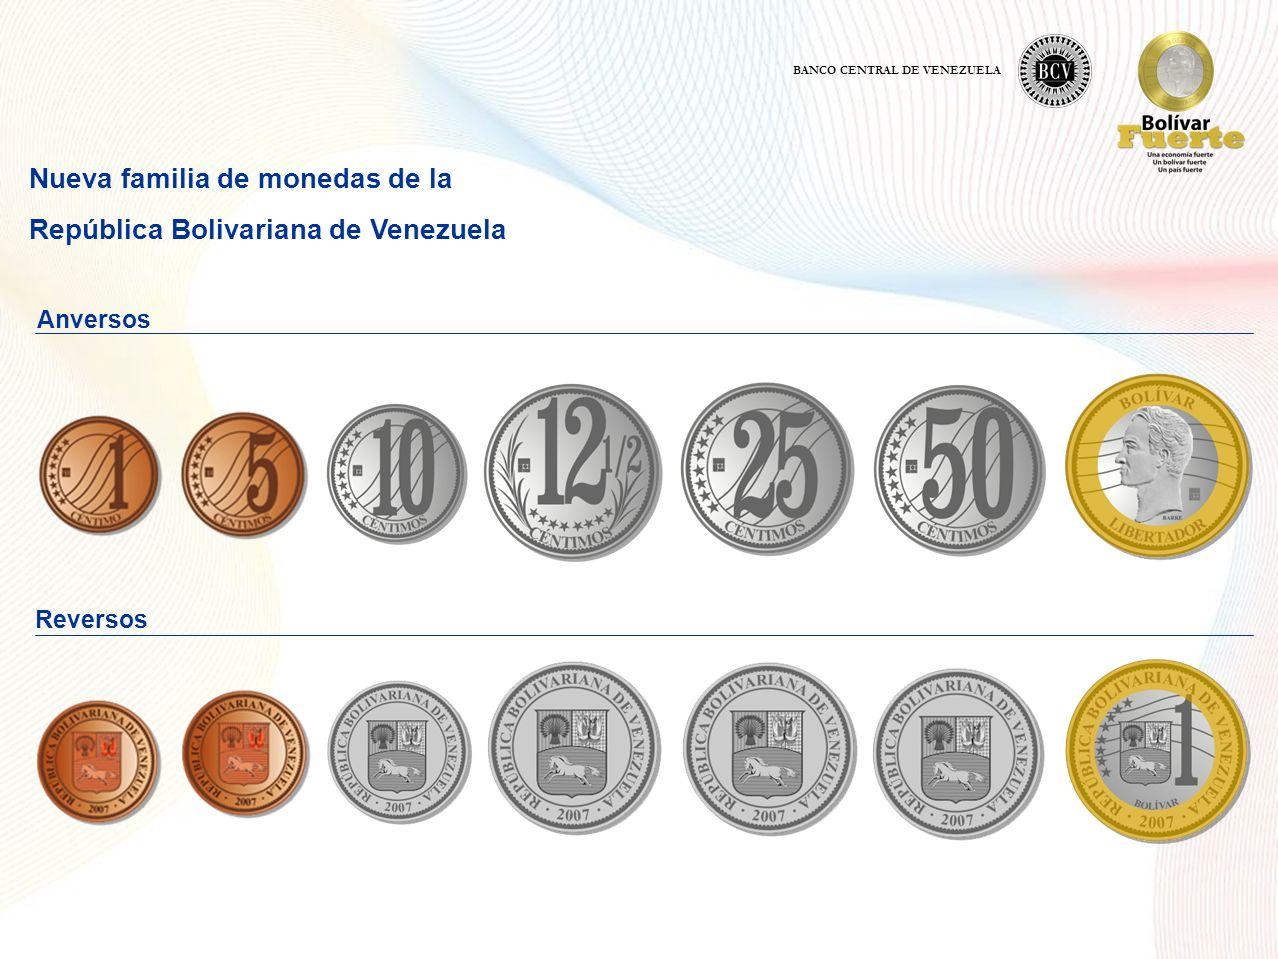 Nueva familia de monedas de la República Bolivariana de Venezuela